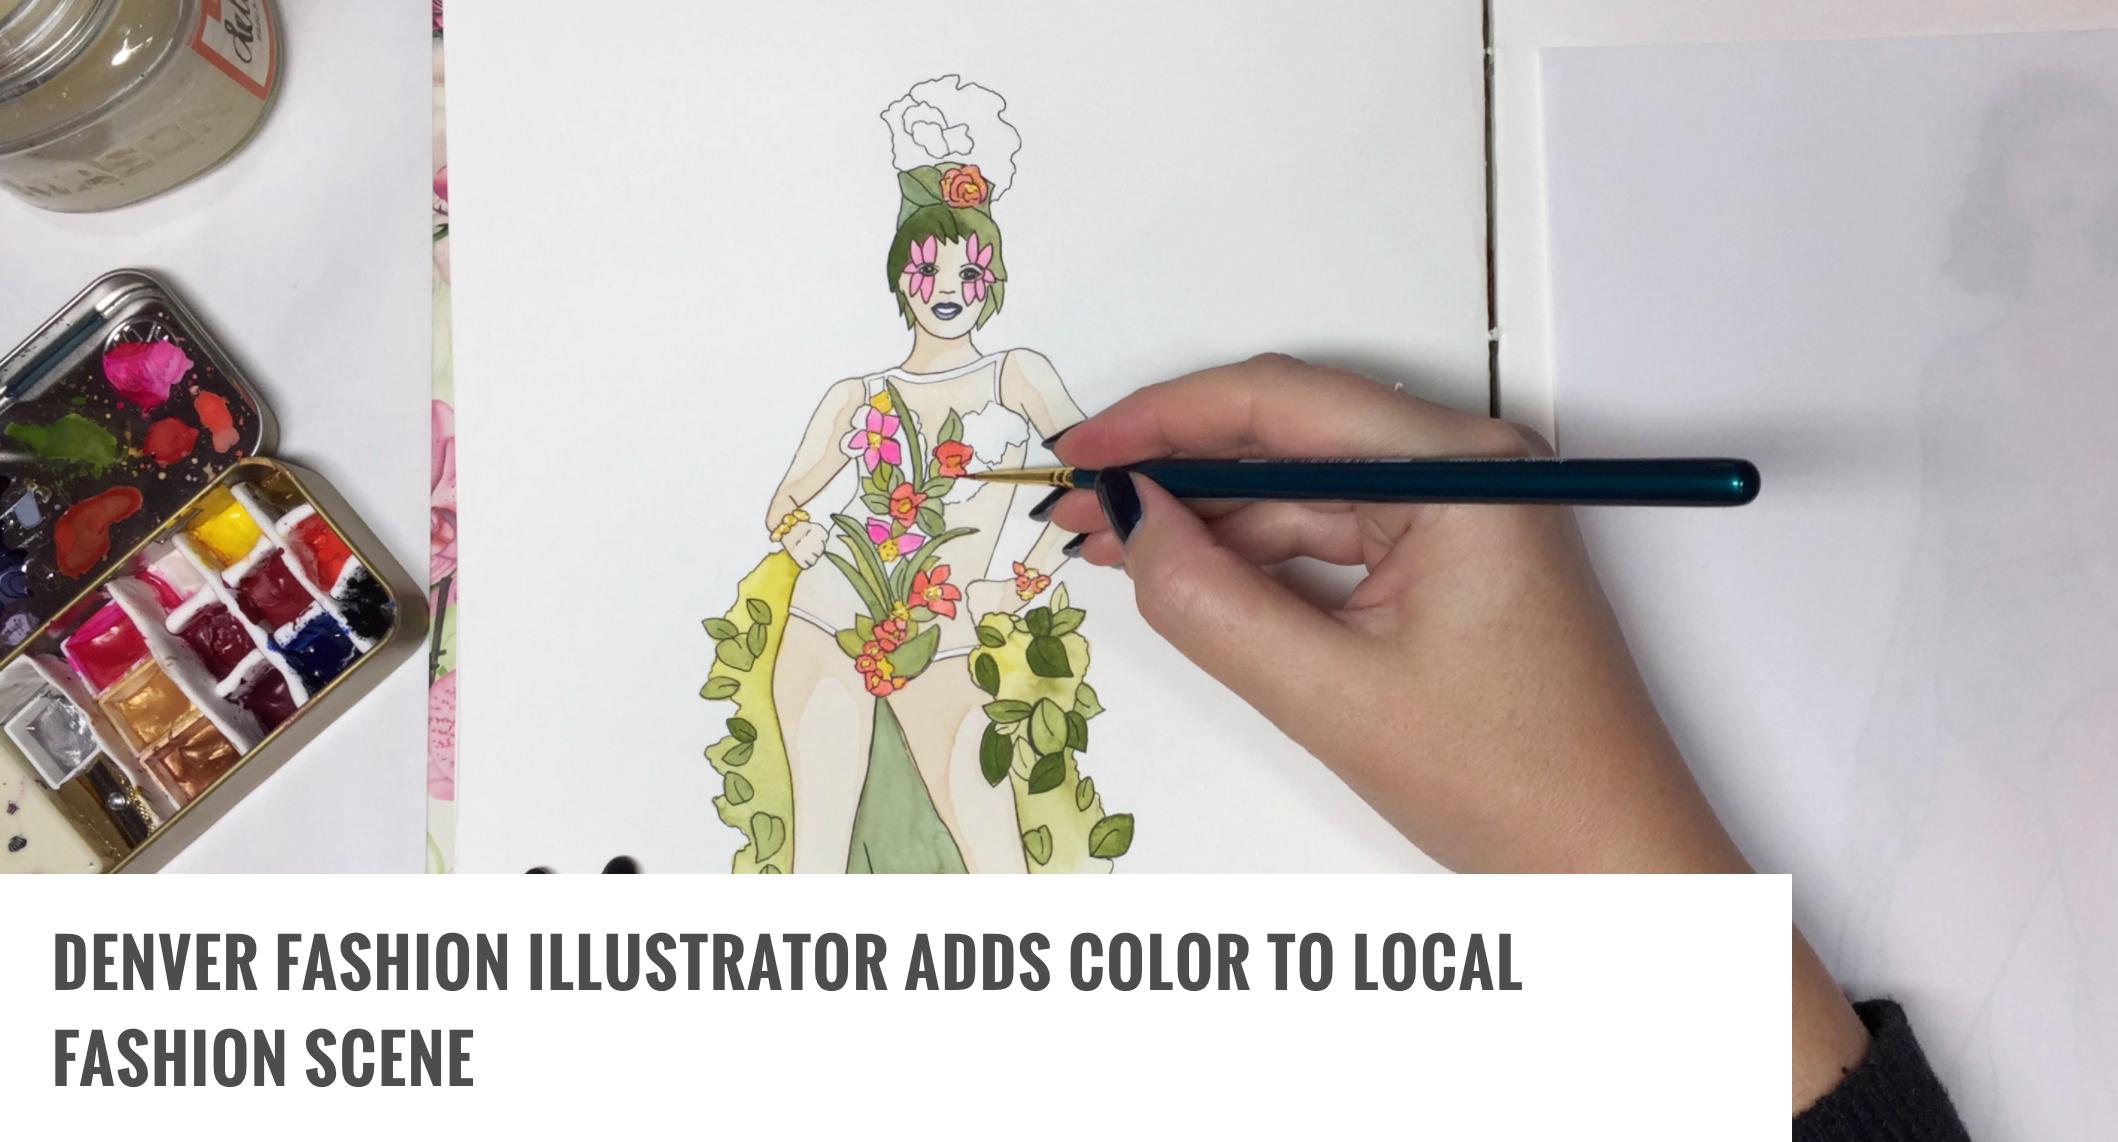 303 Magazine Fashion Illustration